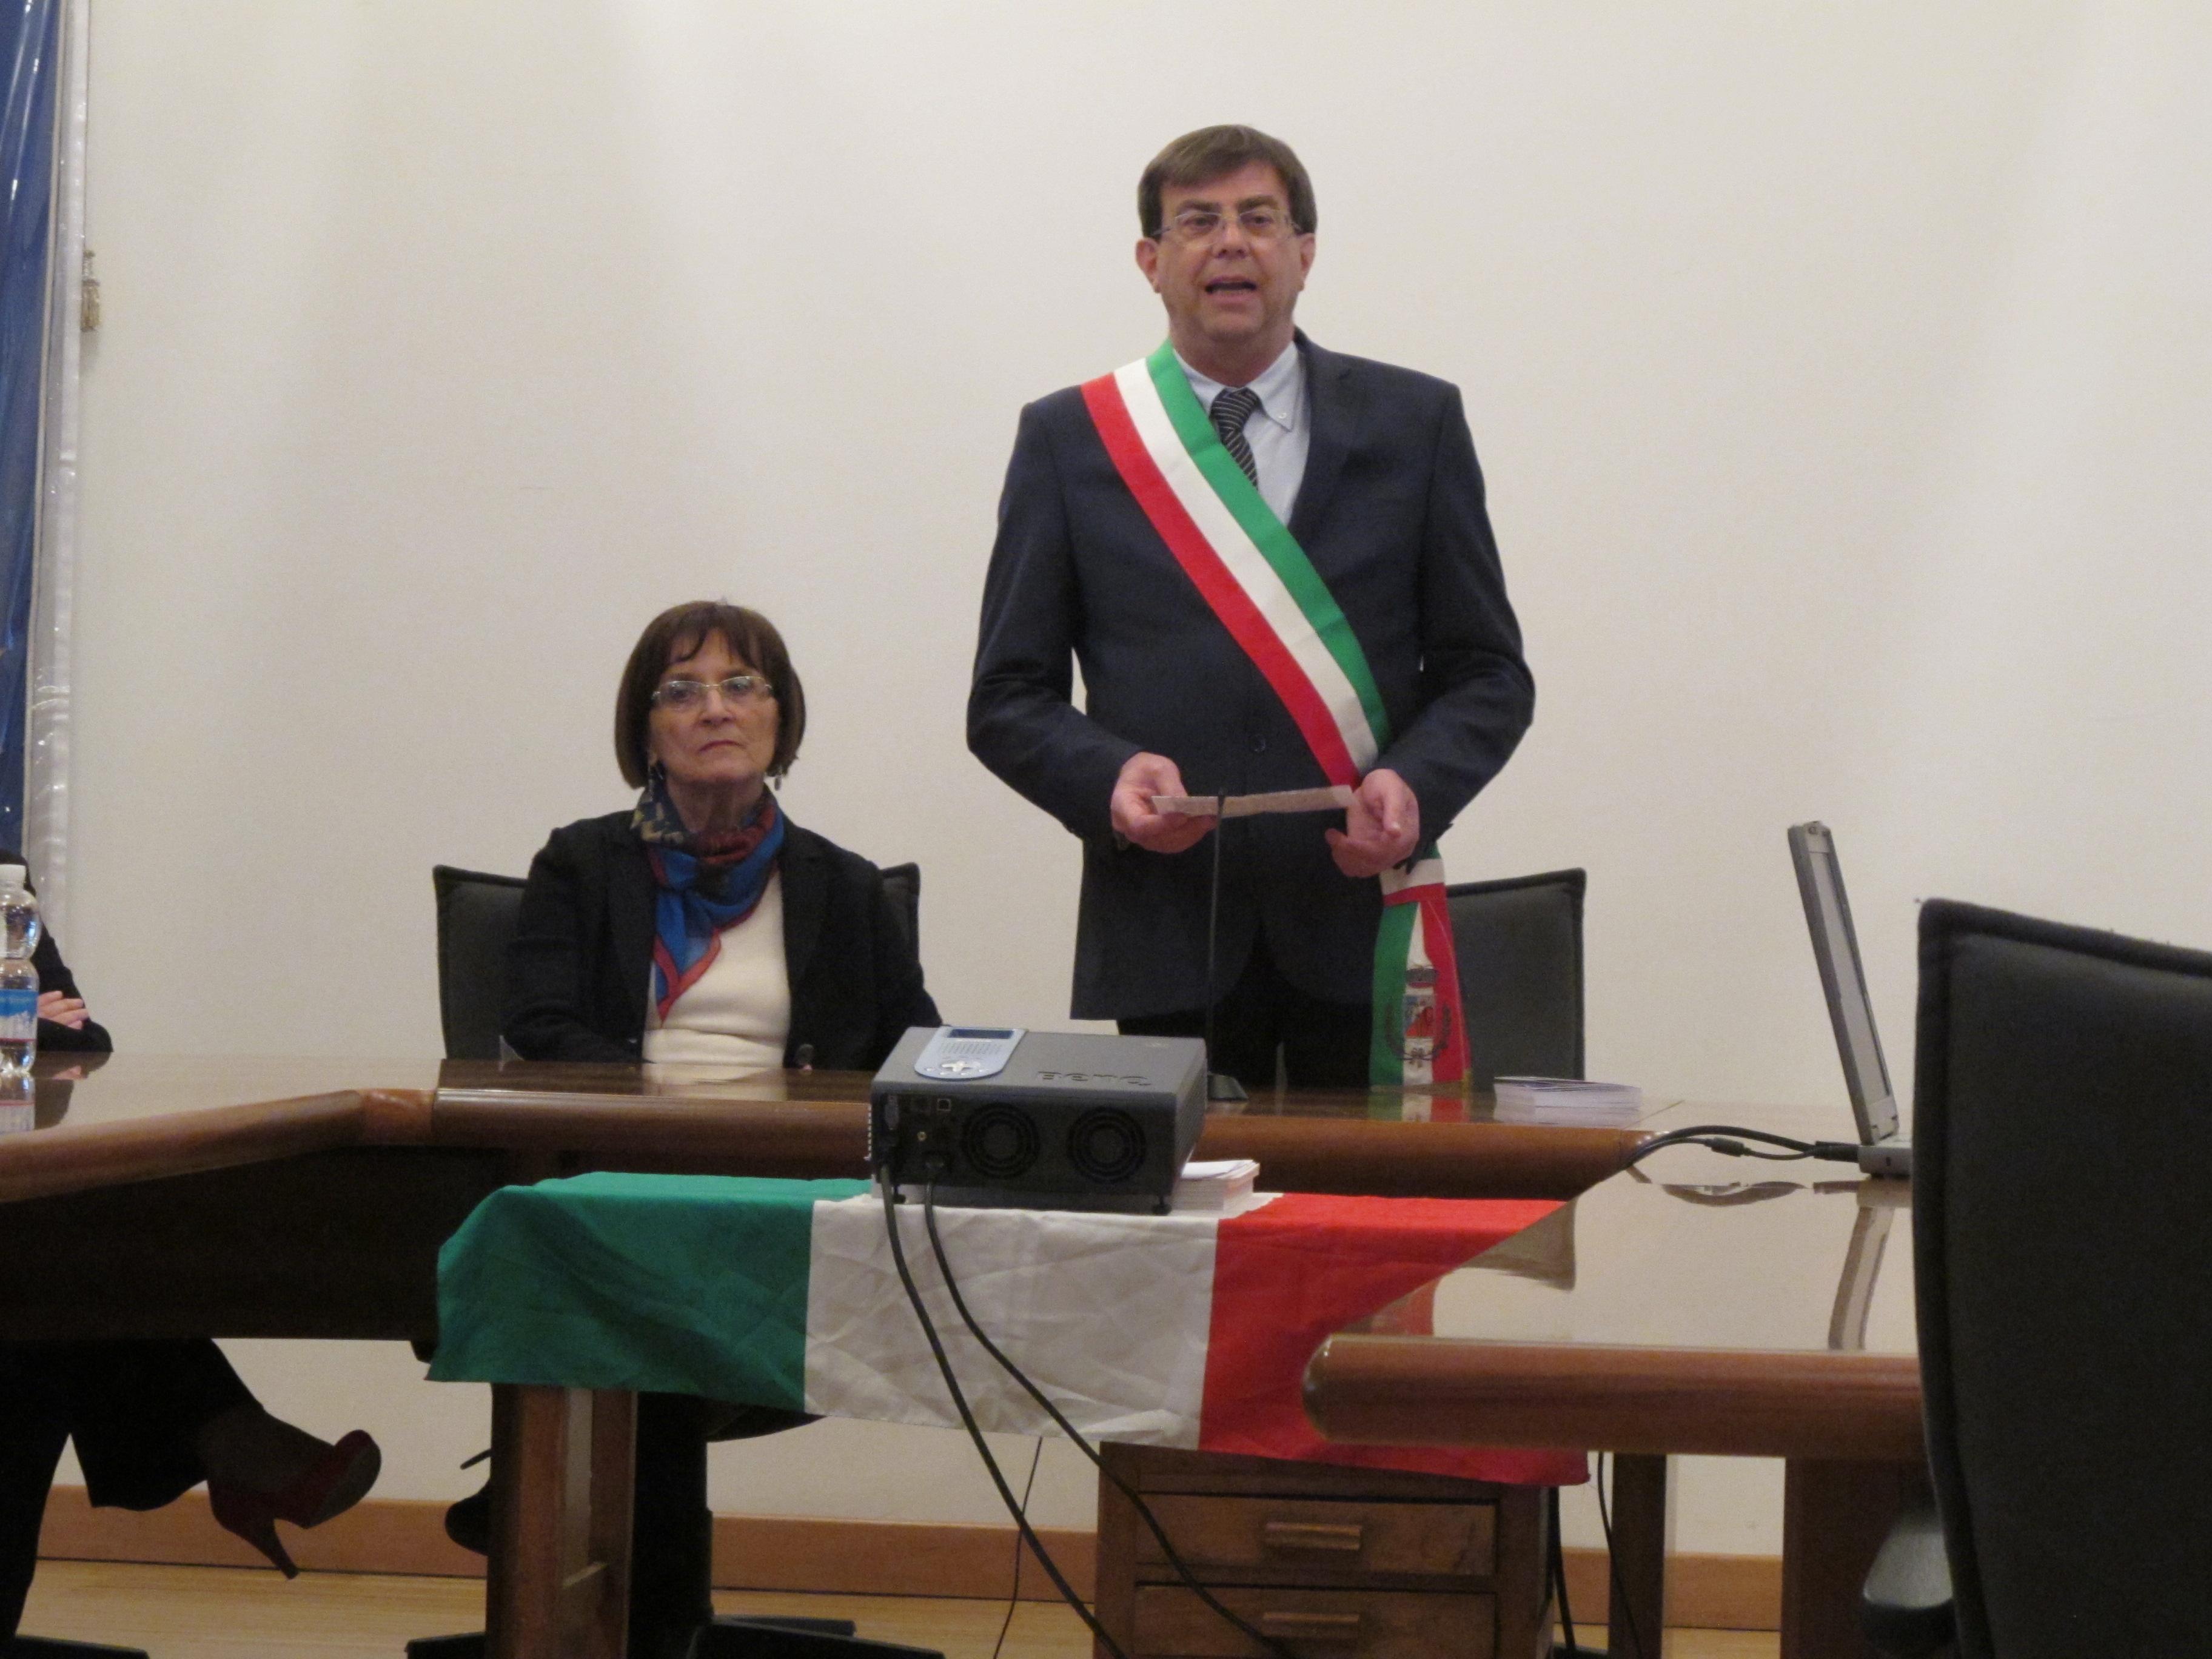 02_convegno Resistenza seme dell'Europa a Corteno Golgi